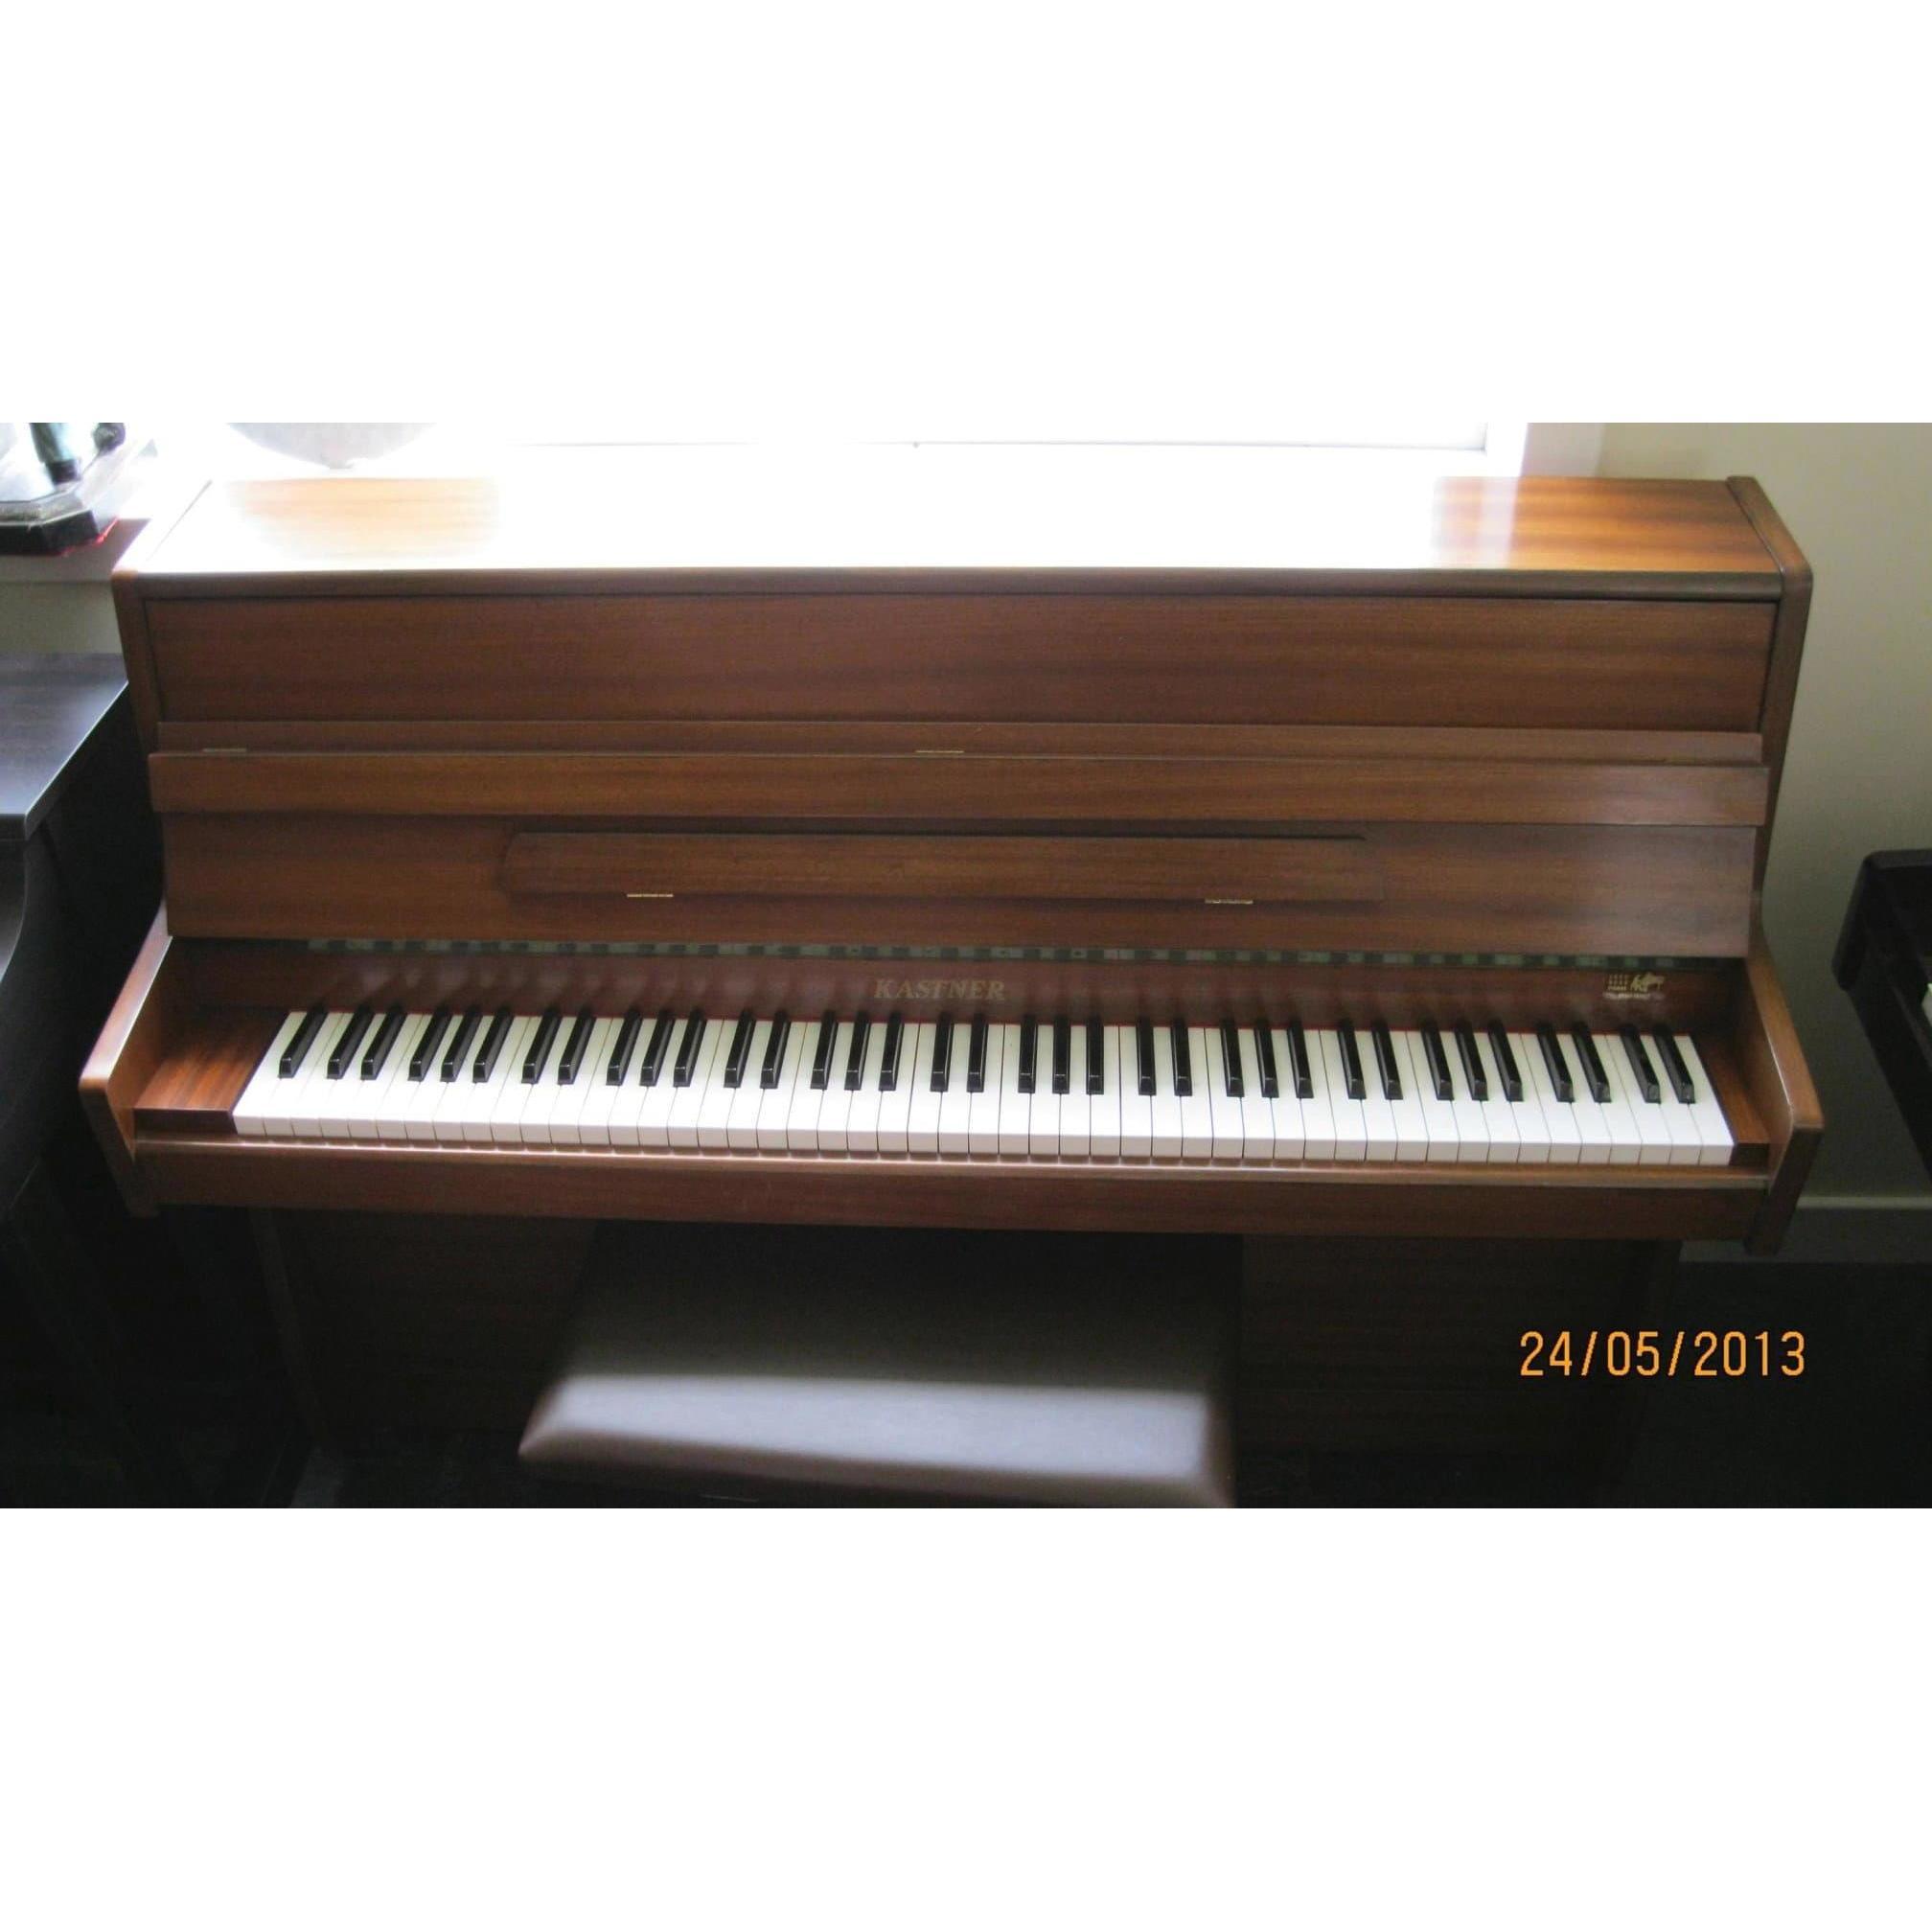 Loch Ness Pianos - Inverness, Inverness-Shire IV3 8JG - 01463 861317 | ShowMeLocal.com